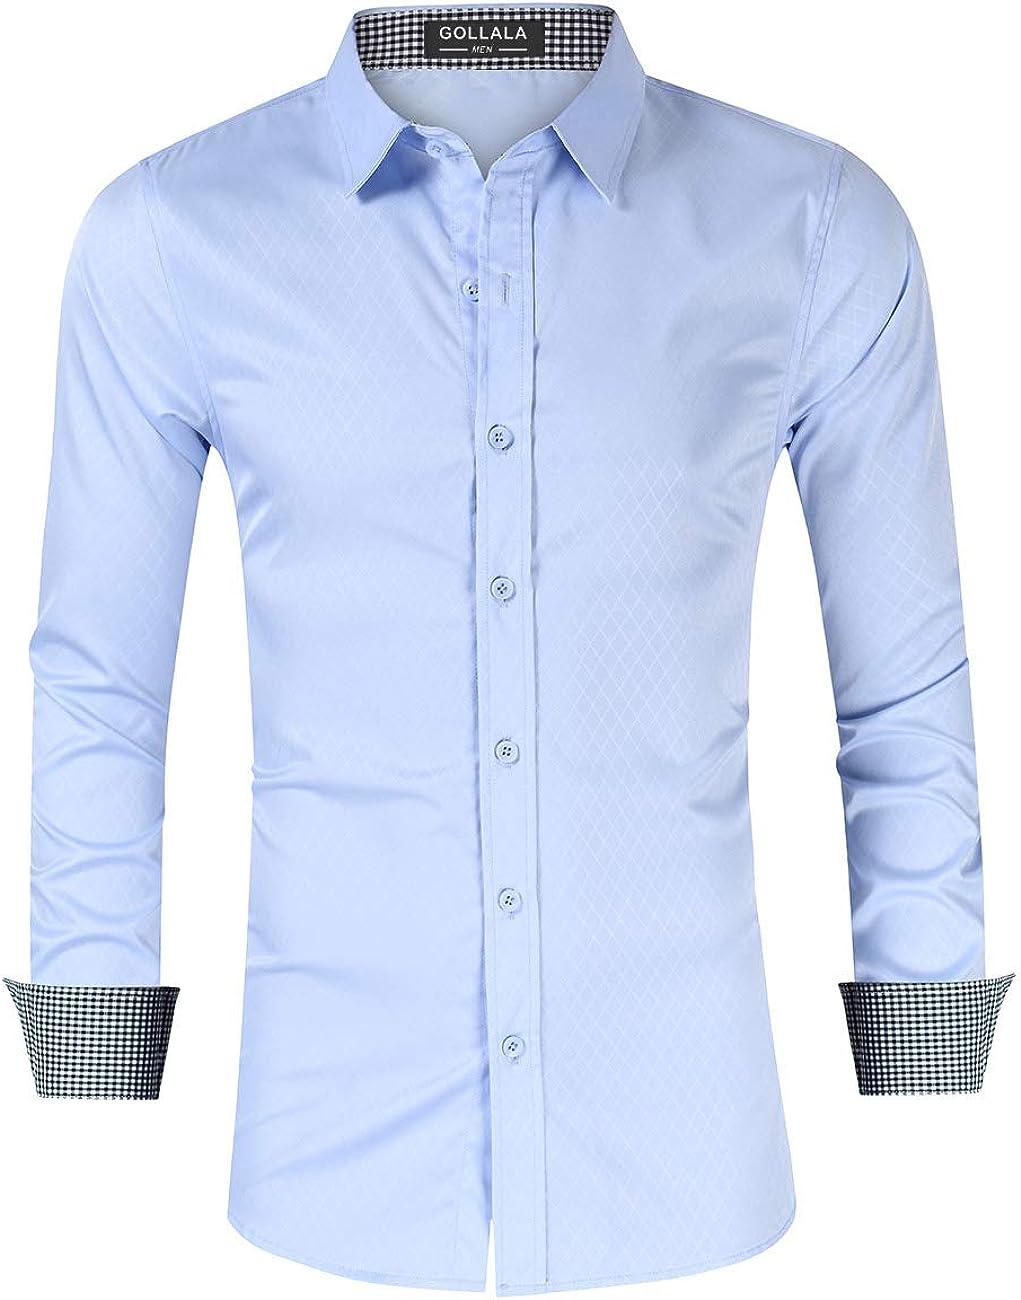 Gollala Men's Casual Long Sleeve Dress Shirt Regular Fit Plaid Collar Button Down Business Dress Shirts